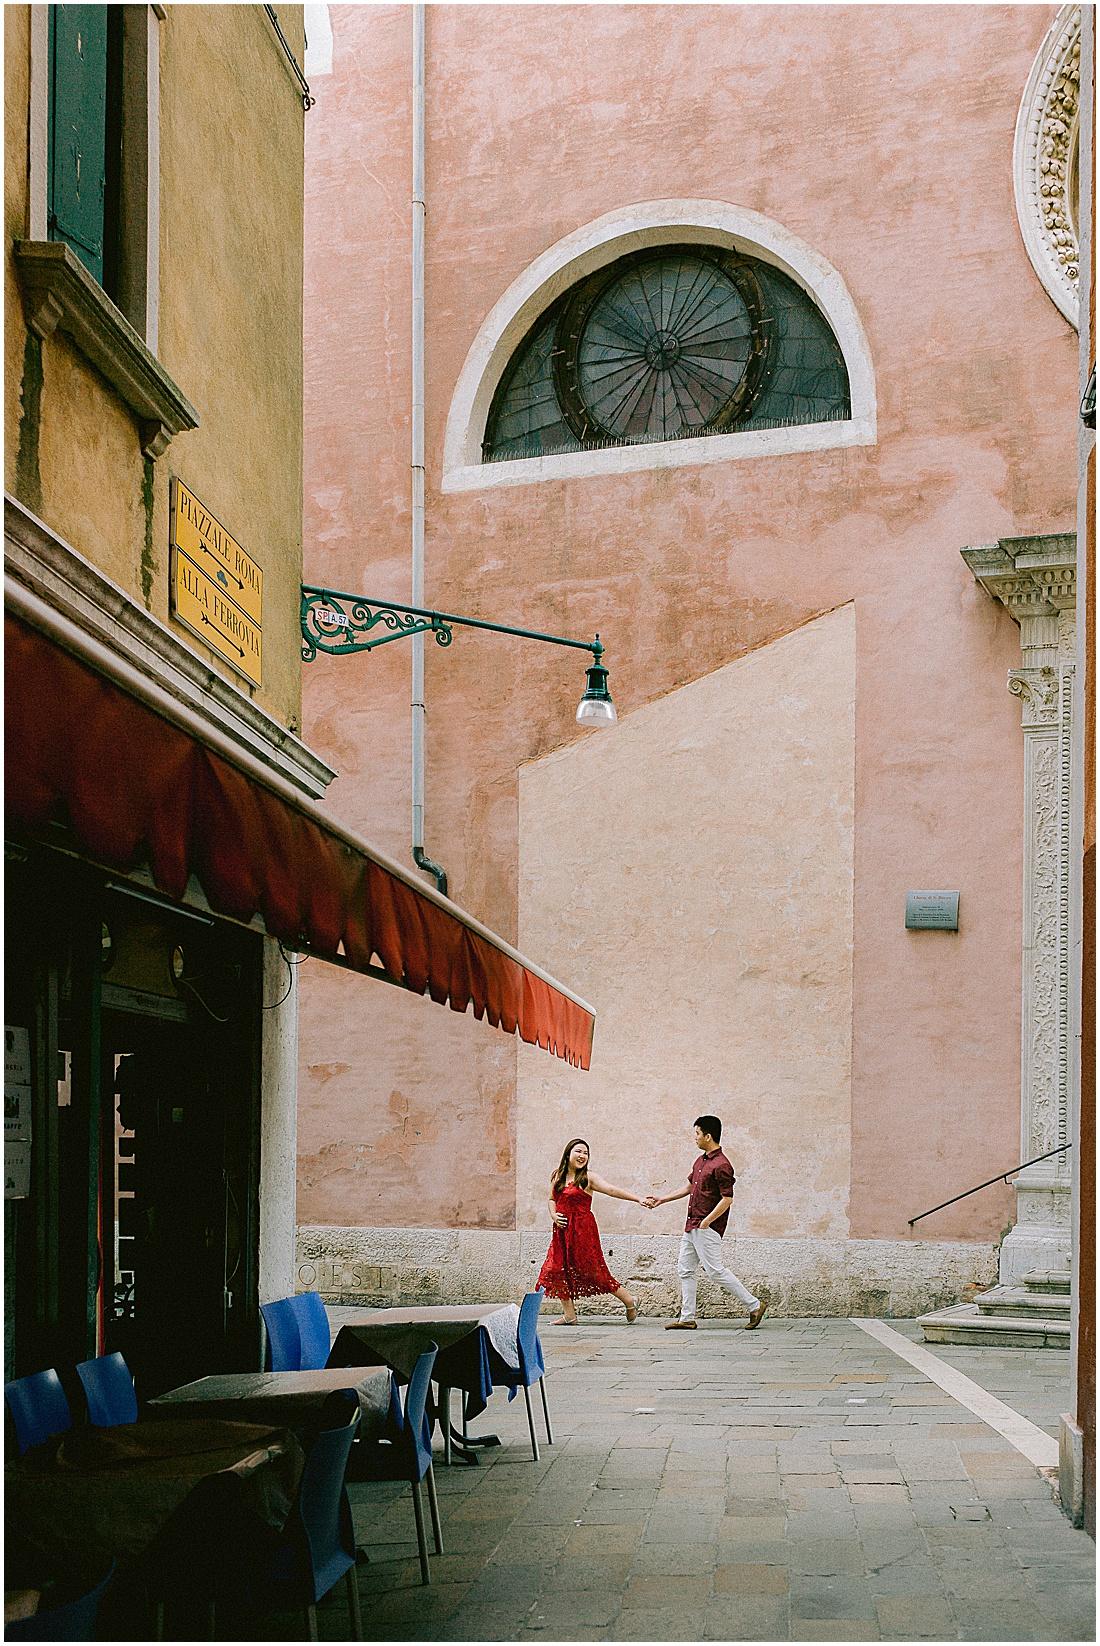 wedding-surprise-proposal-photographer-venice-gondola-sunset-stefano-degirmenci_0385.jpg